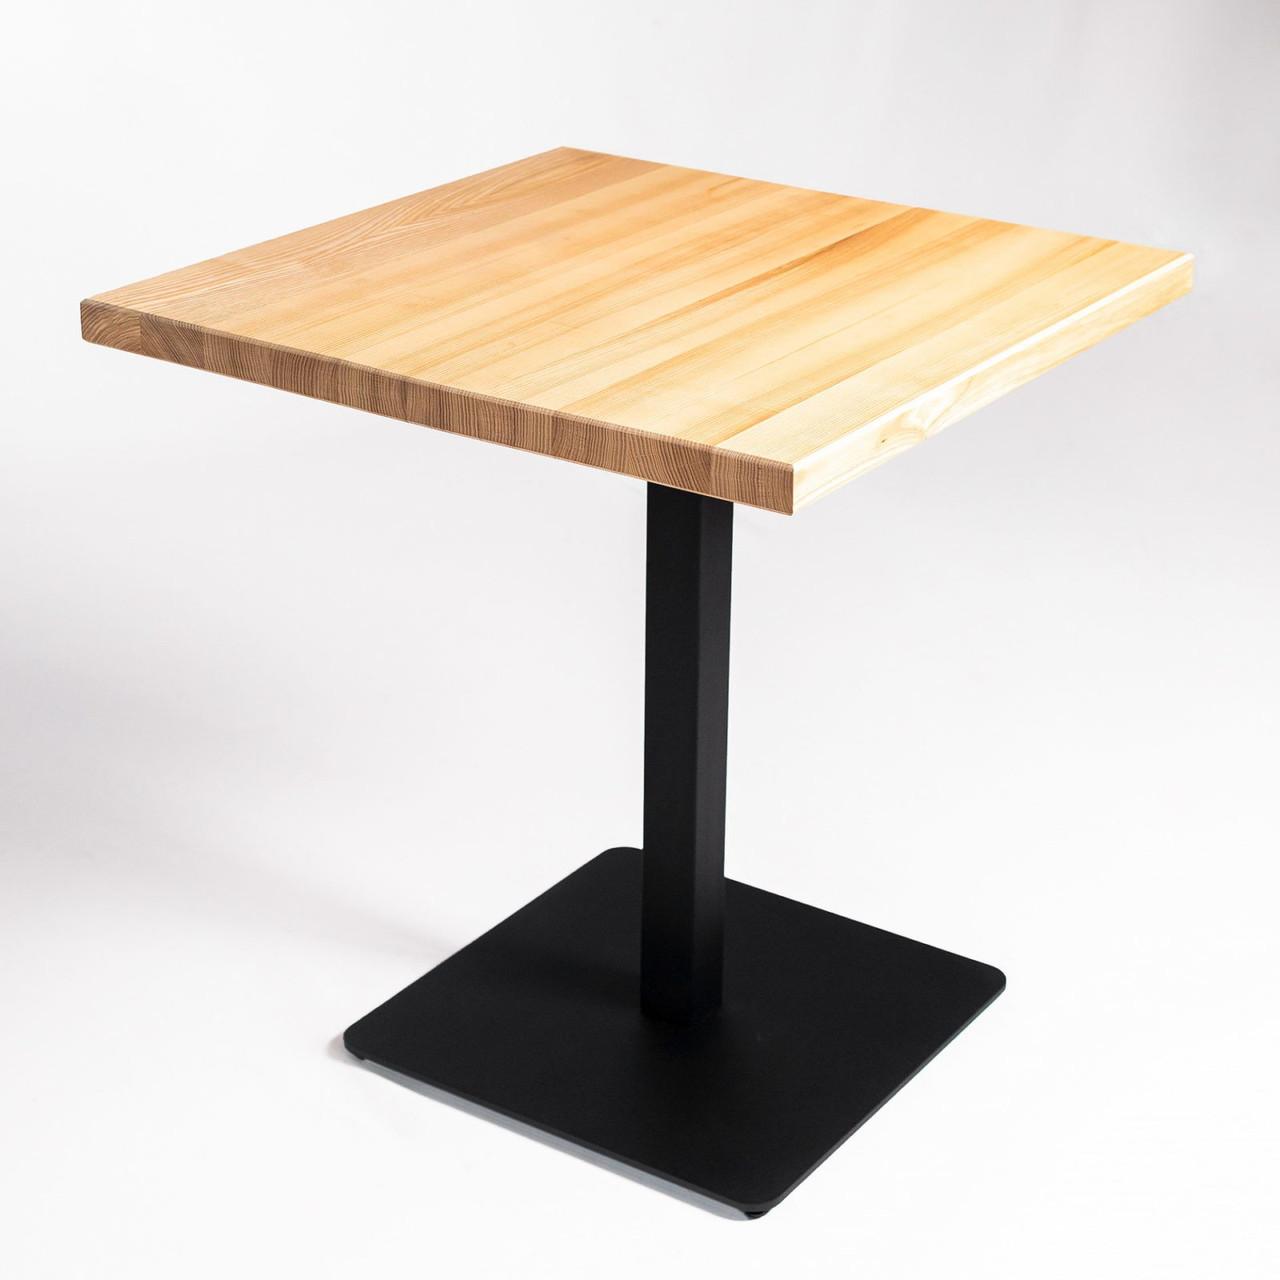 Оптом Столики для кафе HoReCa и ресторанов из массива дерева, опоры из металла